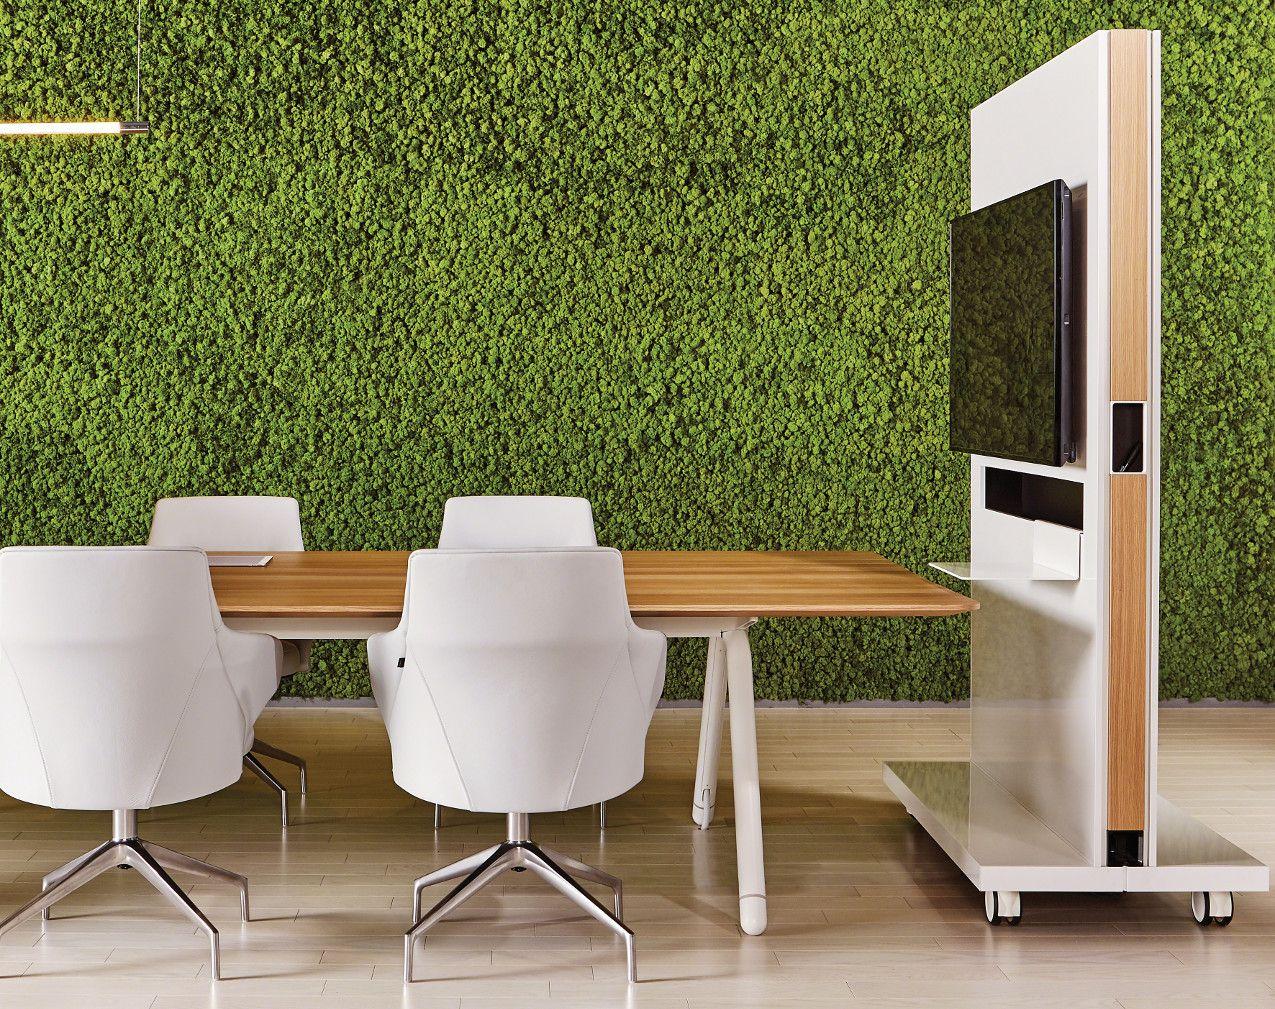 Bezaubernd Büro Ideen Ideen Von Design Inspiration + Ideas For Modern Office